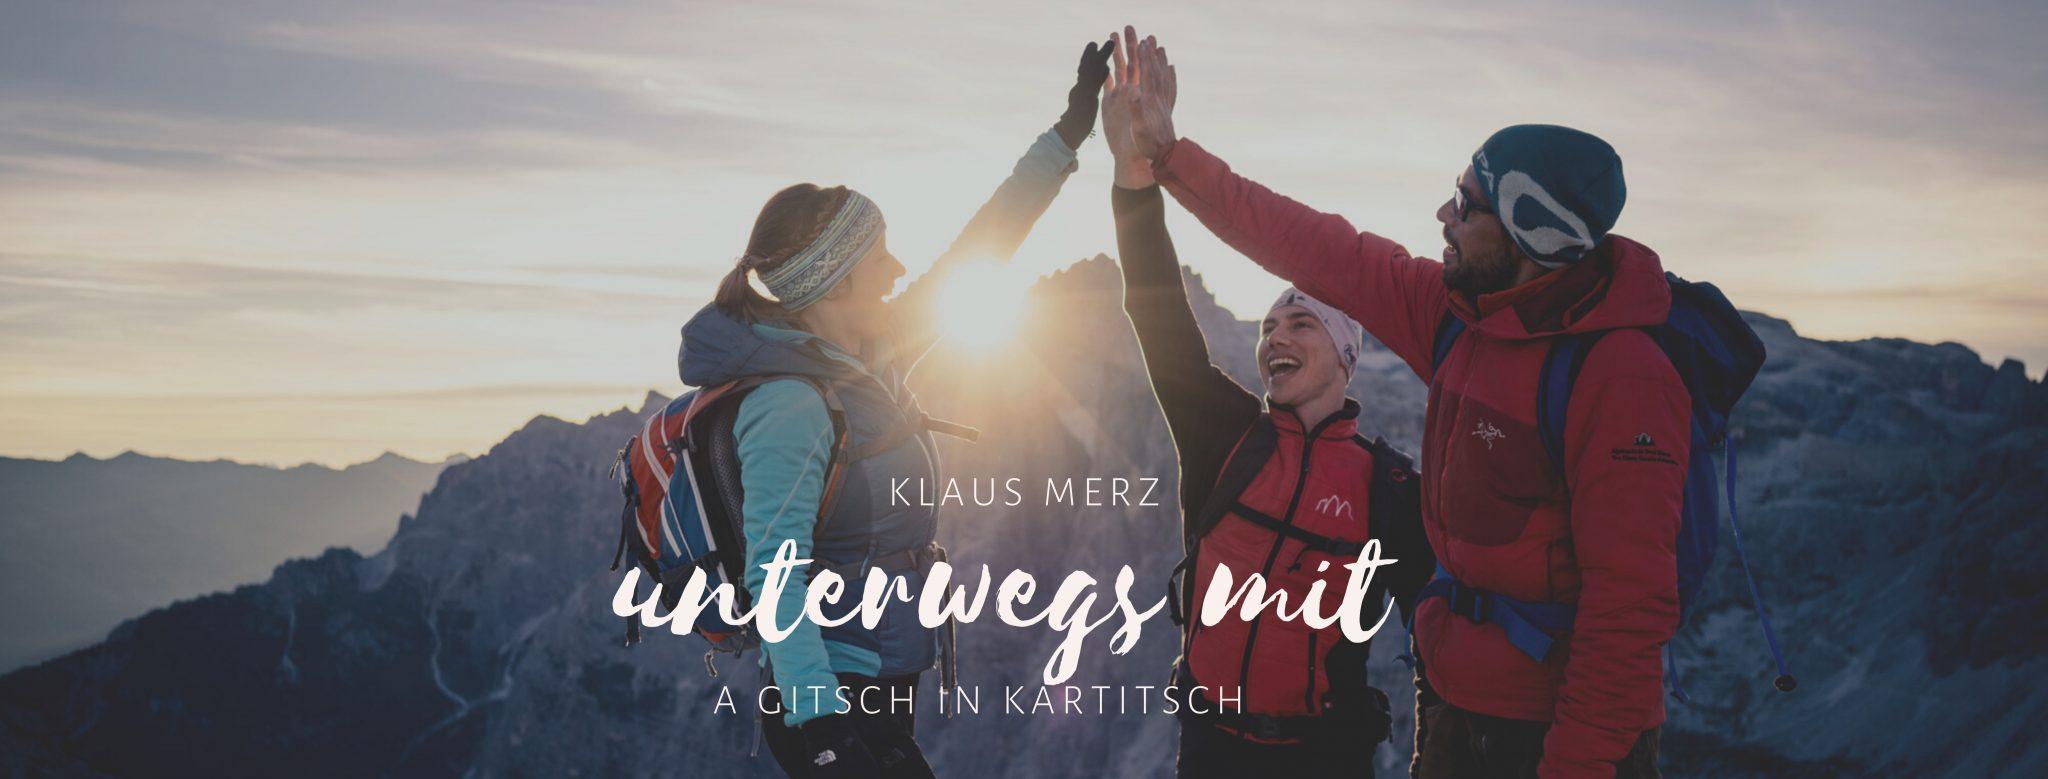 a Gitsch in Kartitsch - der Wanderpodcast von Lena Sulzenbacher - unterwegs mit a Gitsch in Kartitsch - Klaus Merz